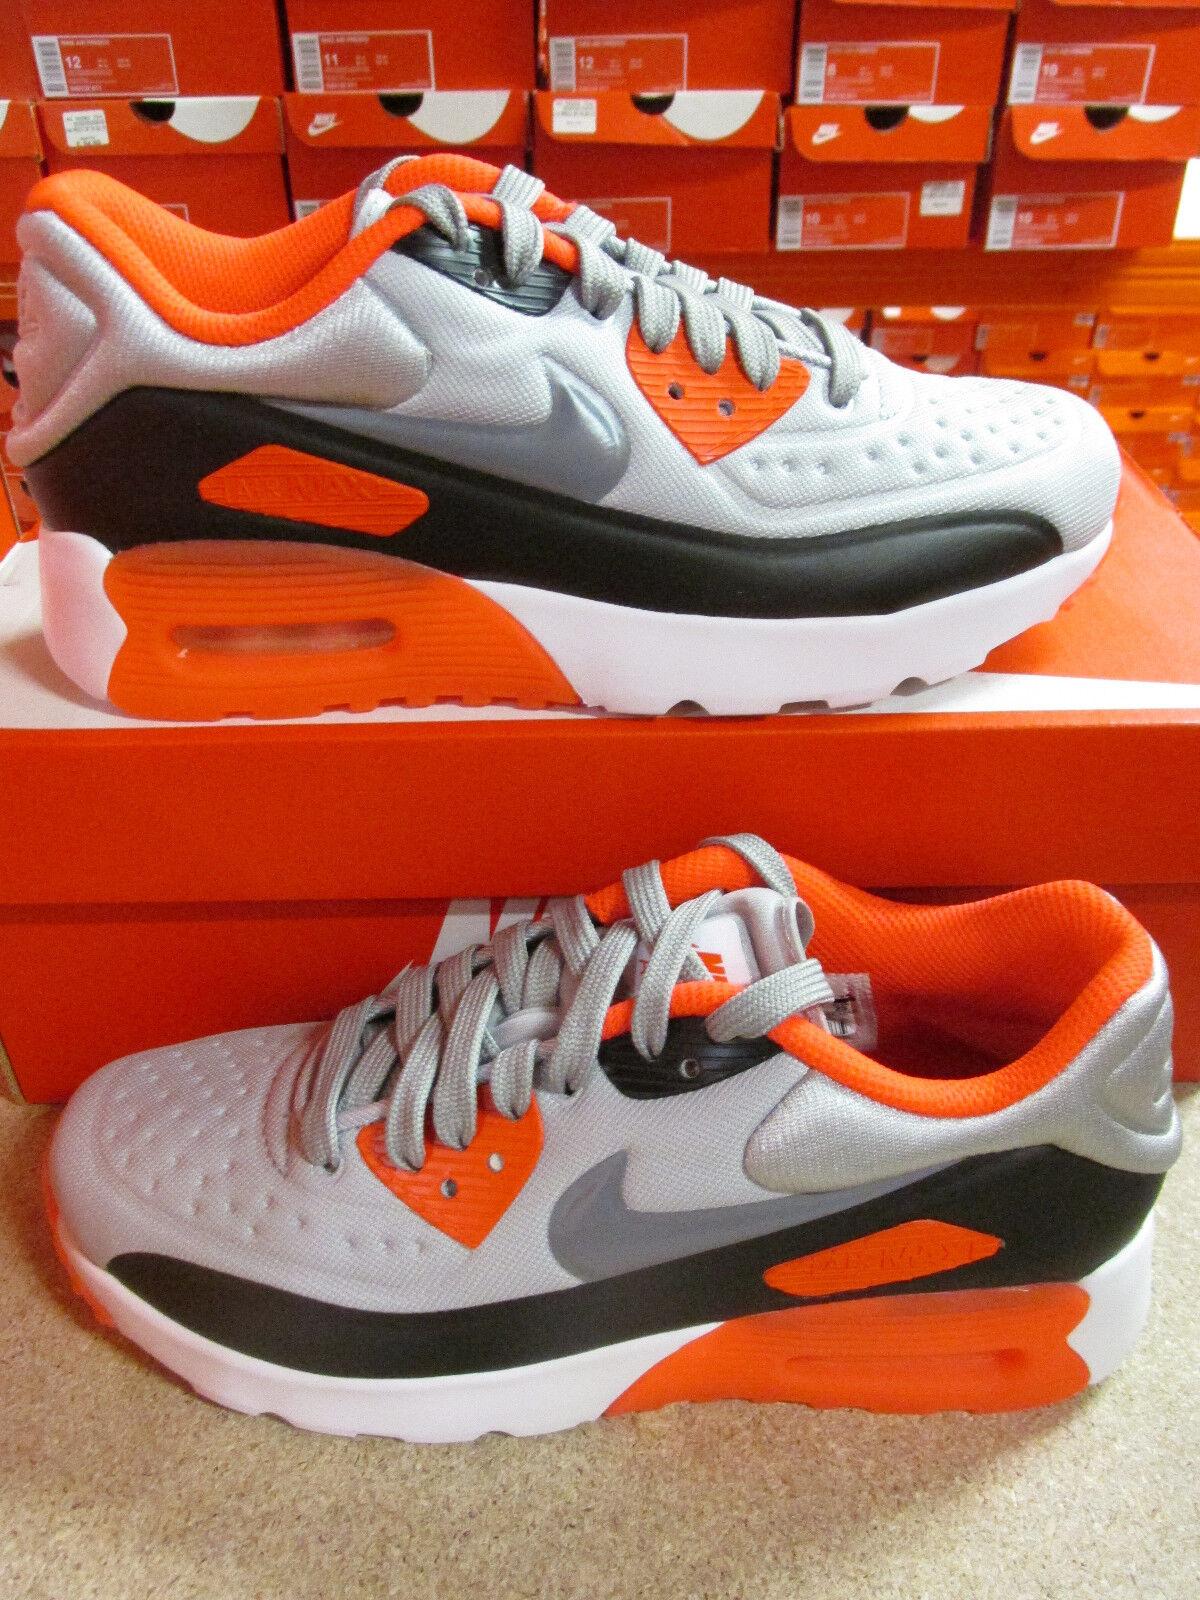 Nike air max 90 ultra soi (gs) paniere naturalmente 844599 004 ceste